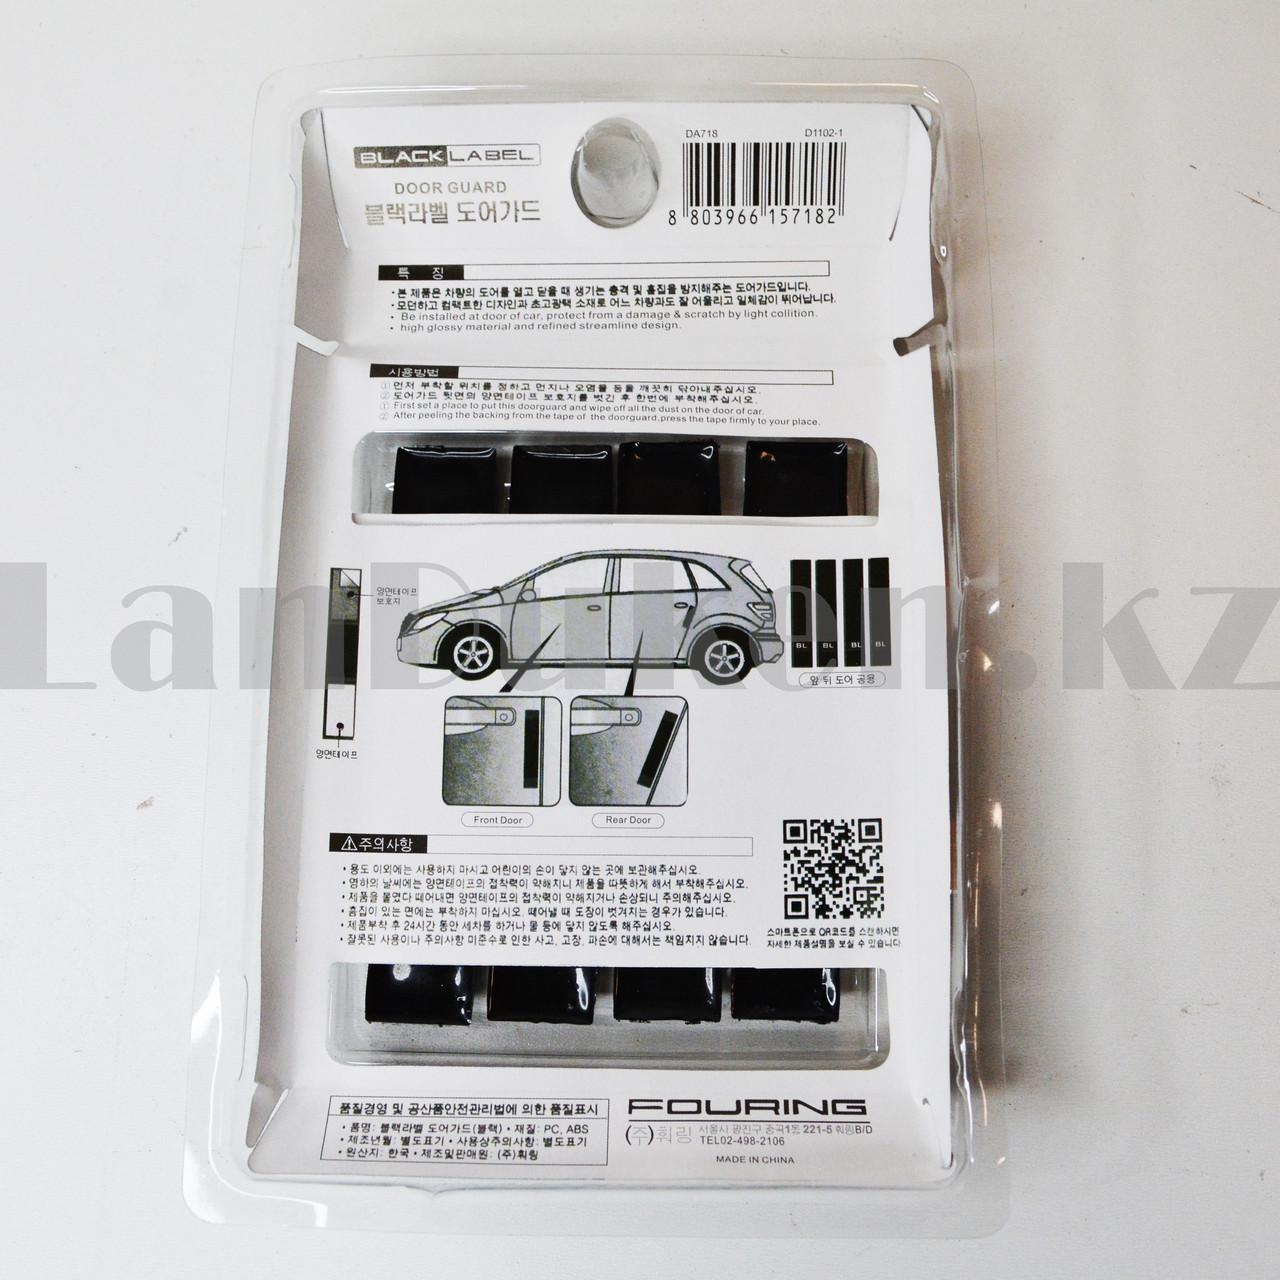 Накладки защитные на двери машины Fouring Black Label TOYOTA - фото 10